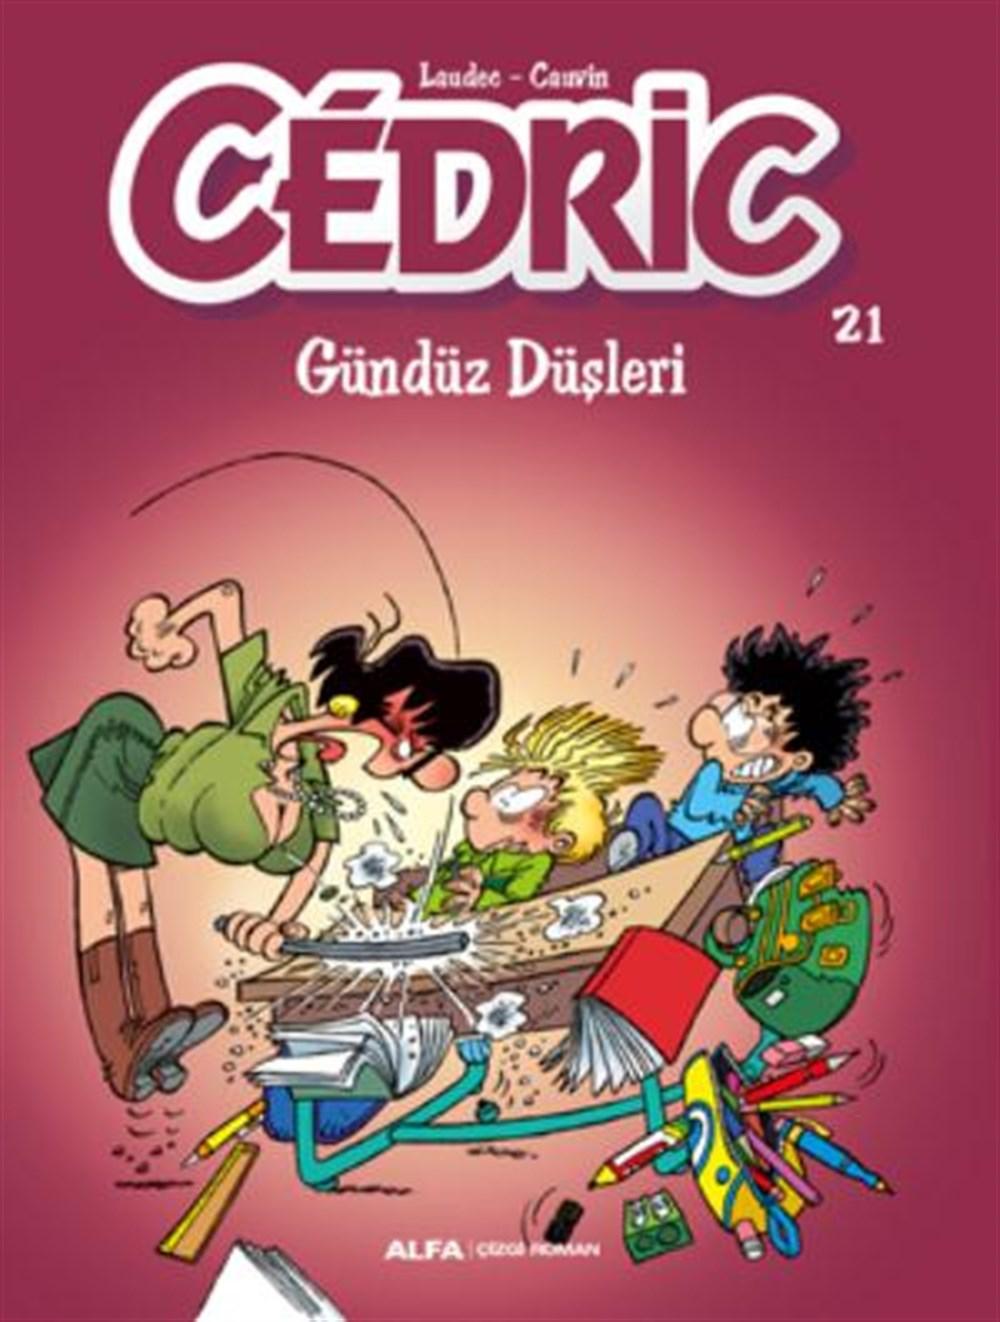 Cedric 21 - Gündüz Düşleri